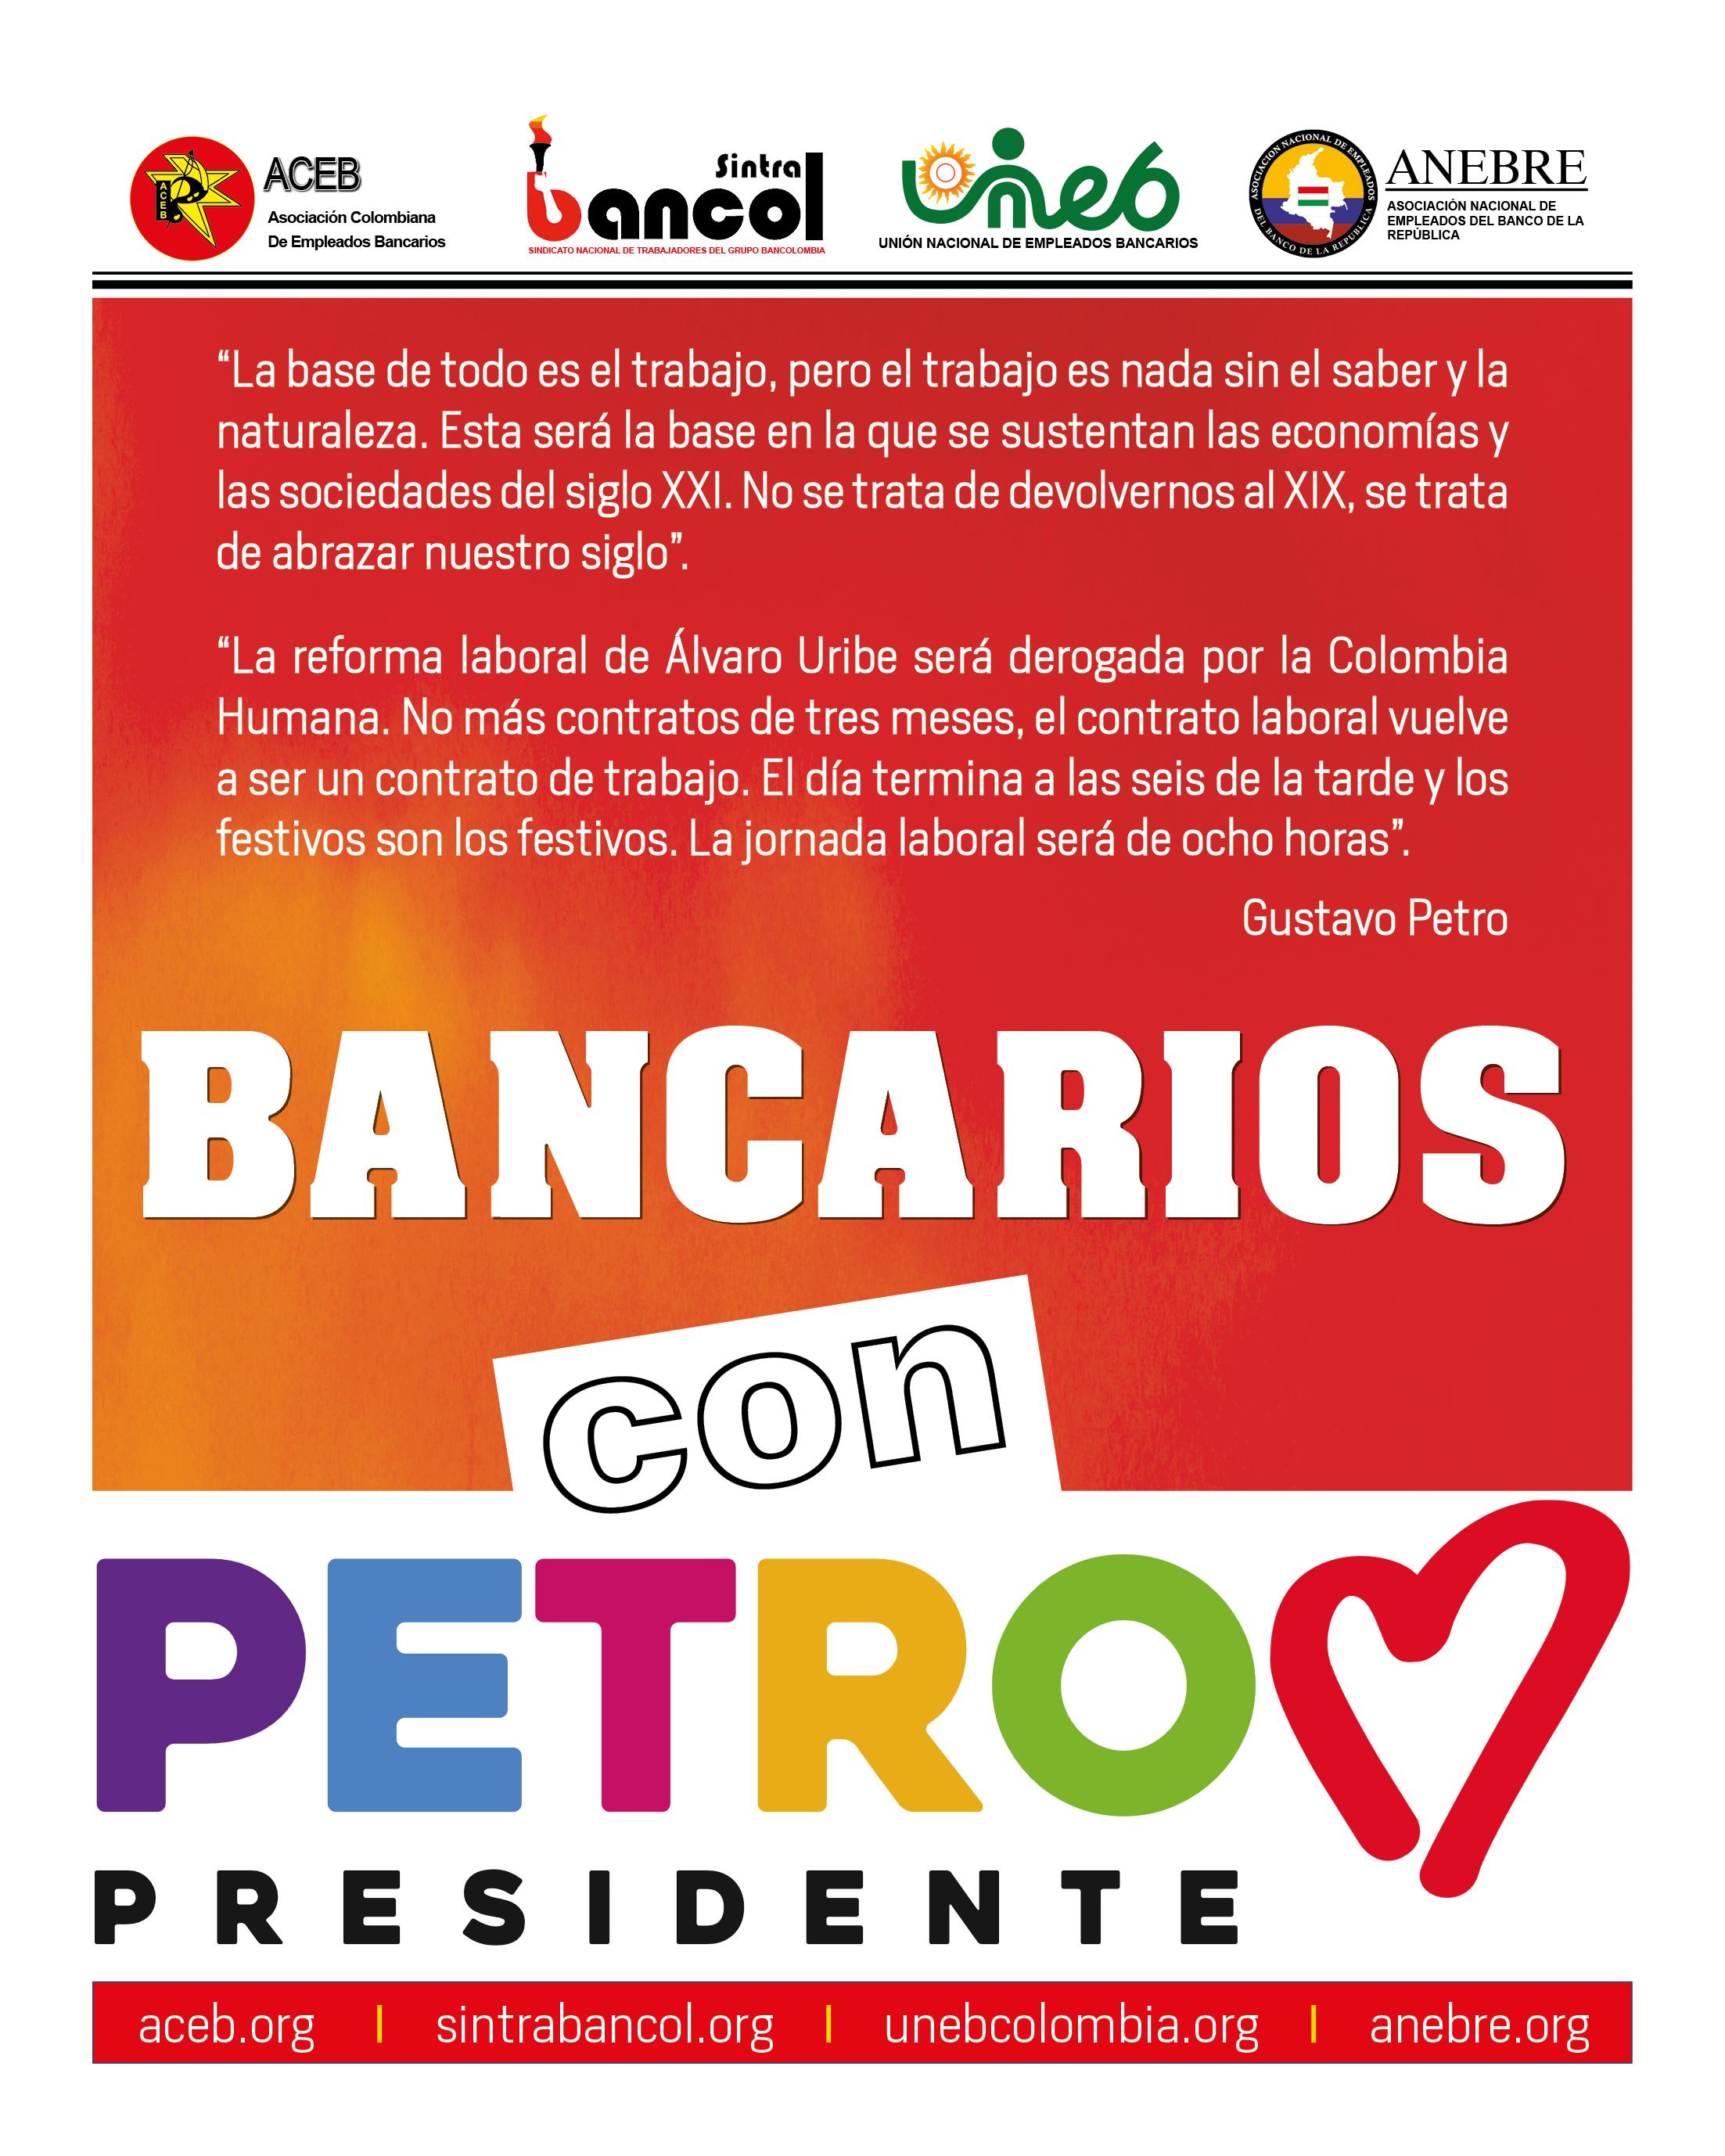 Bancarios con Petro Presidente